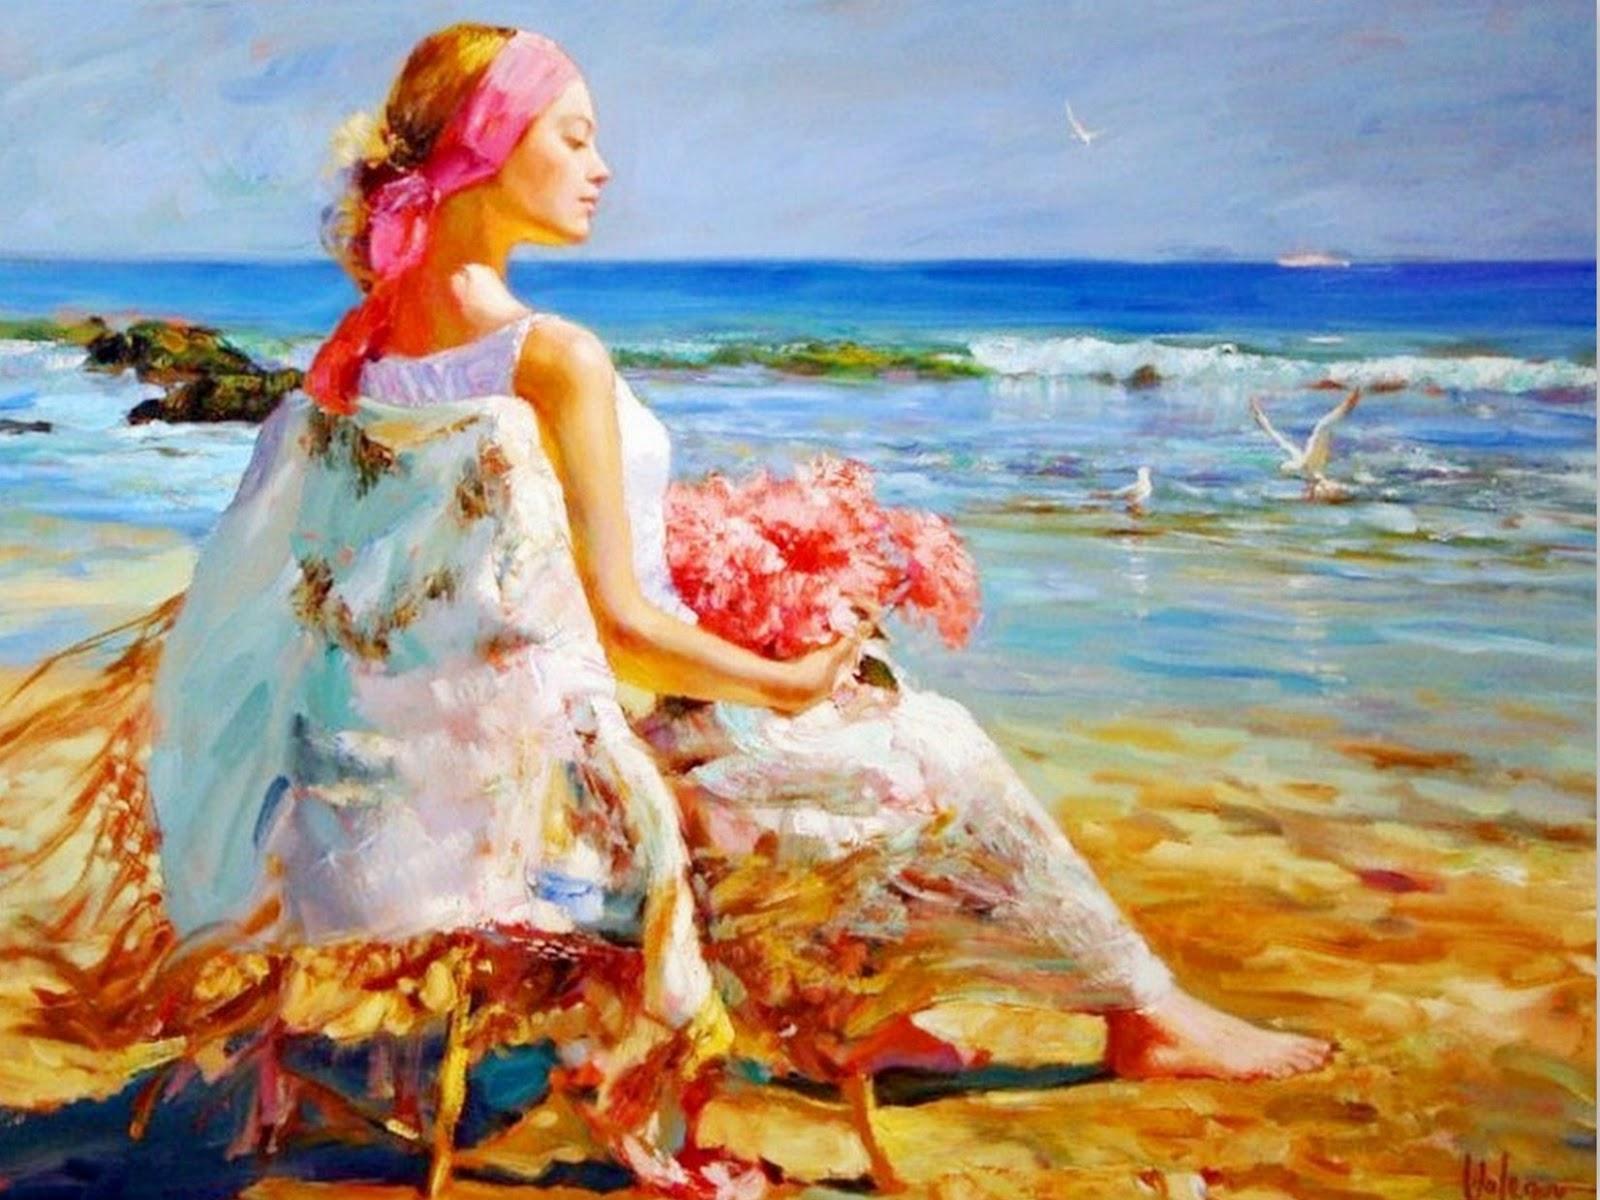 Cuadros modernos pinturas y dibujos retratos de mujeres - Los cuadros mas bonitos ...